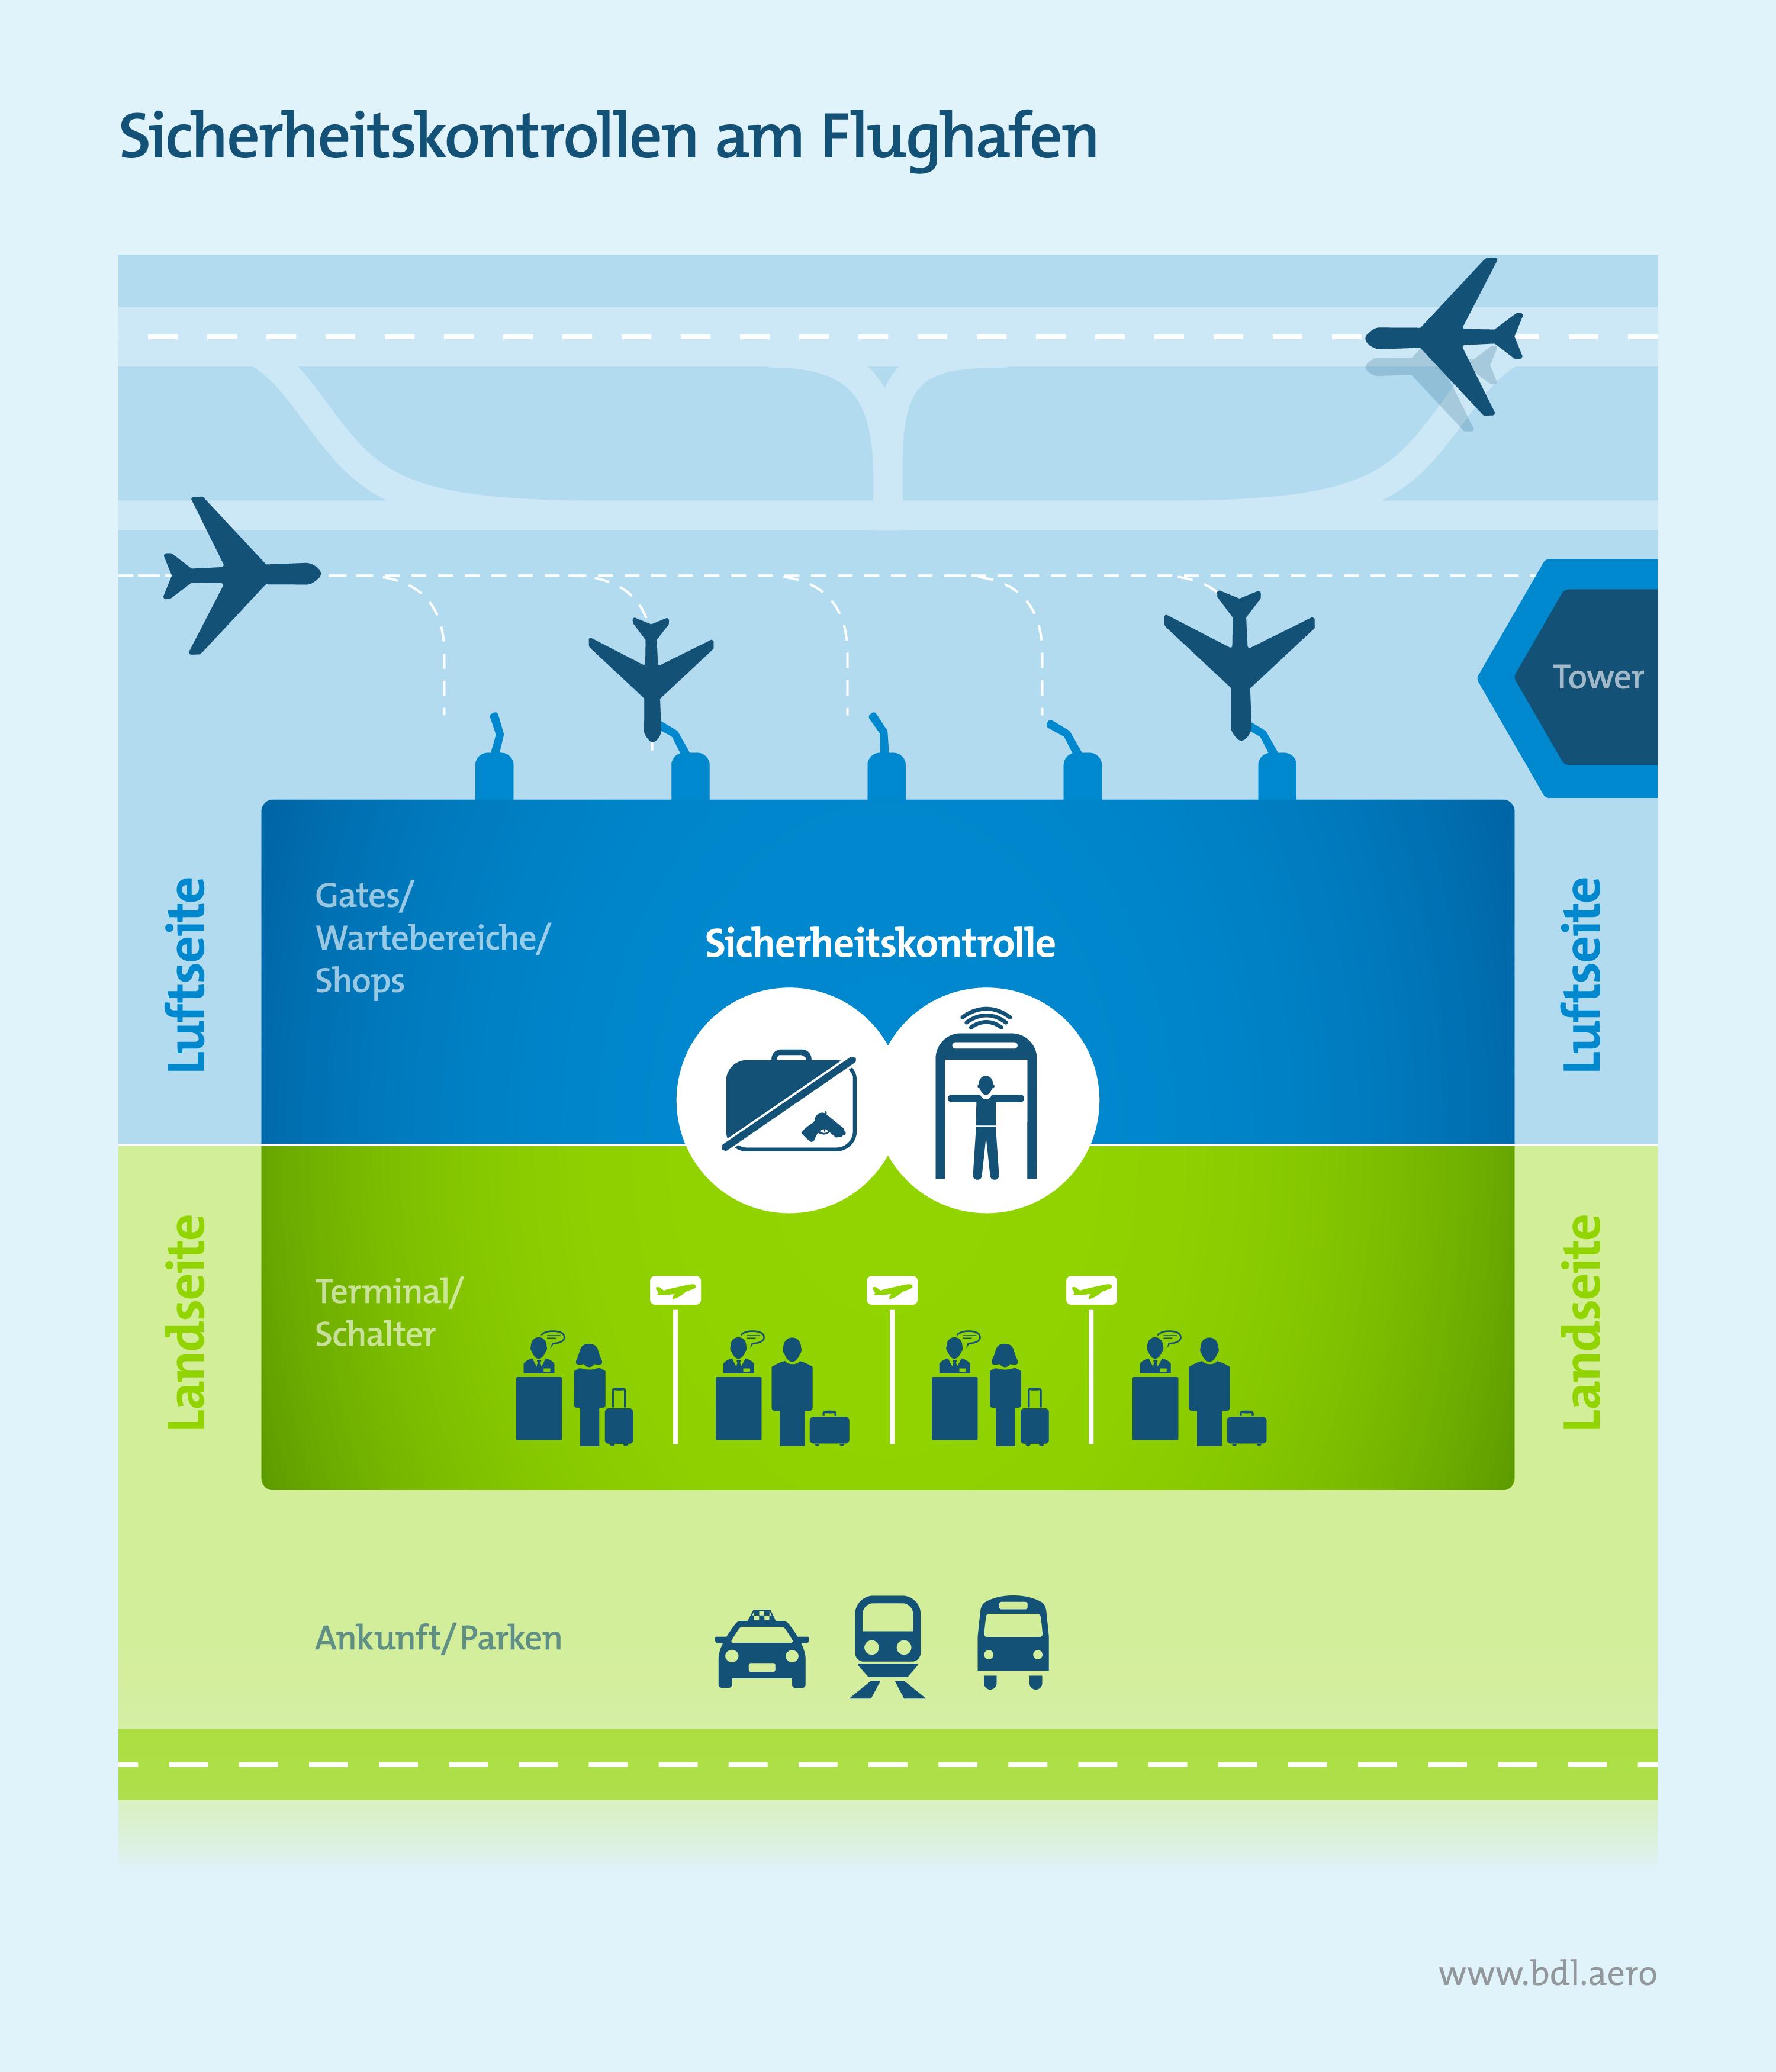 Sicherheitskontrollen im Luftverkehr: Wie laufen Kontrollen am Flughafen ab